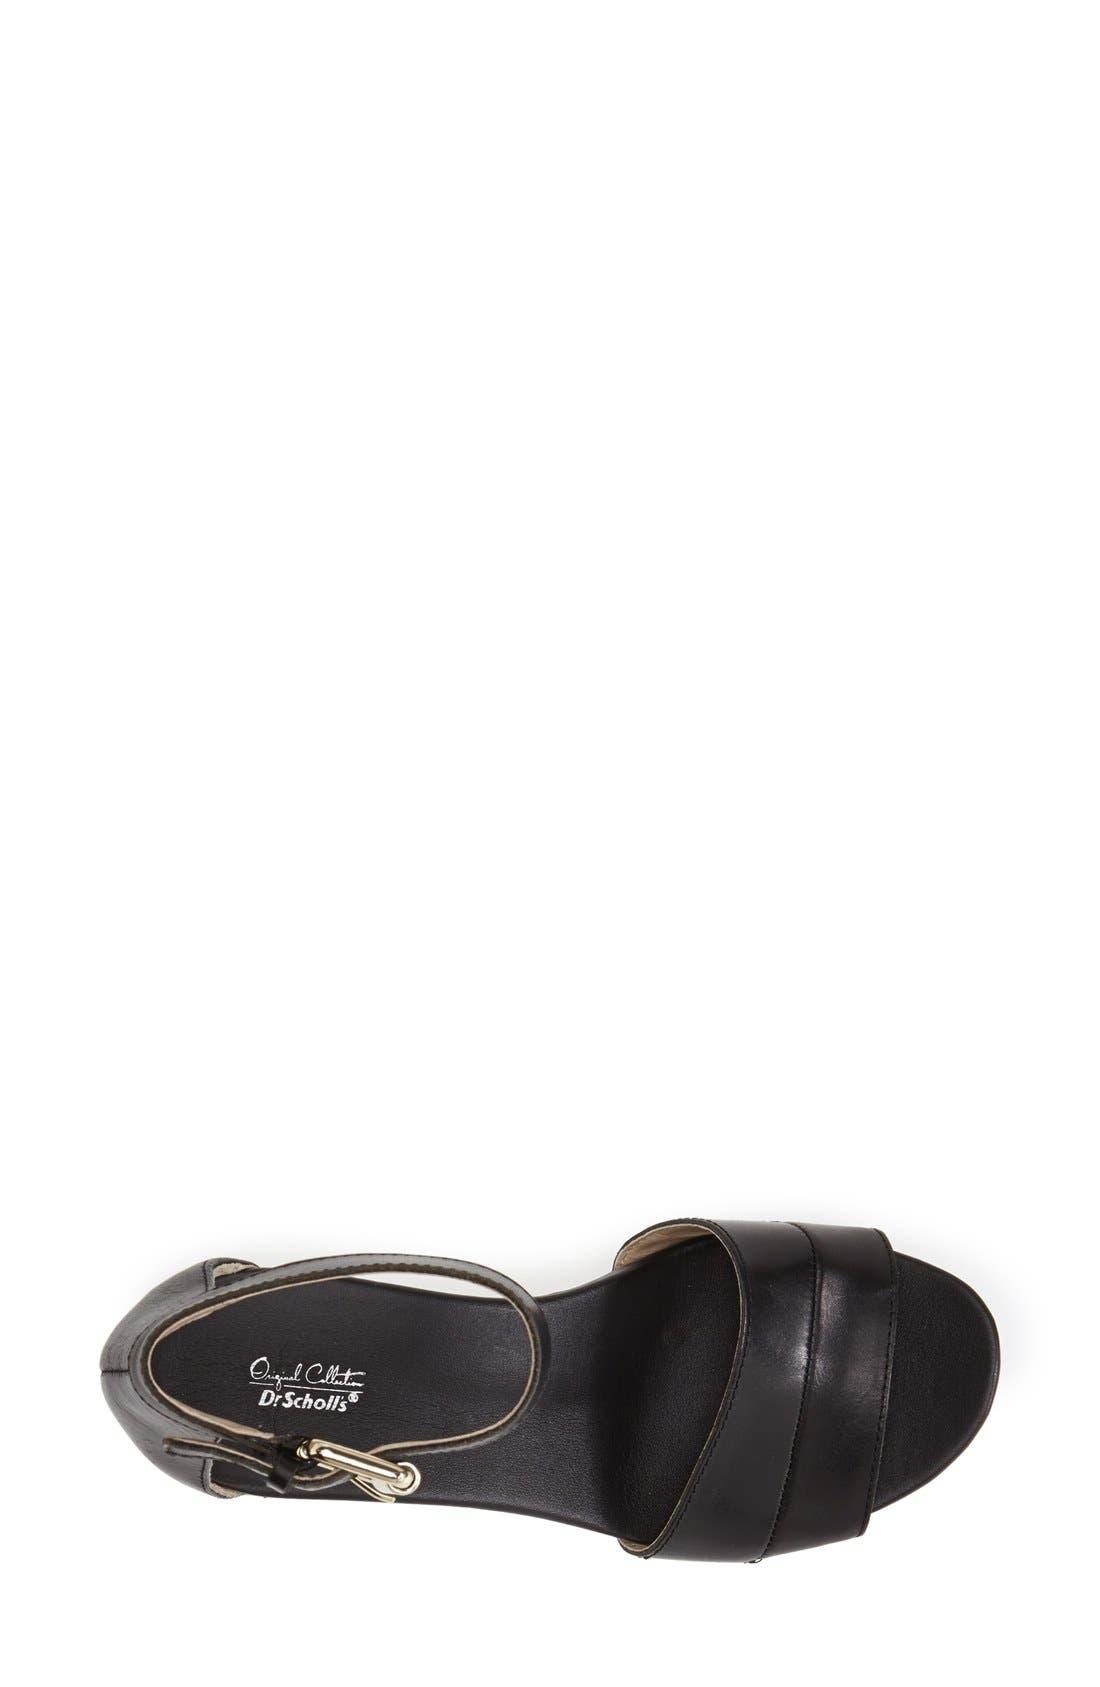 Alternate Image 3  - Dr. Scholl's Original Collection 'Warner' Wedge Sandal (Women)